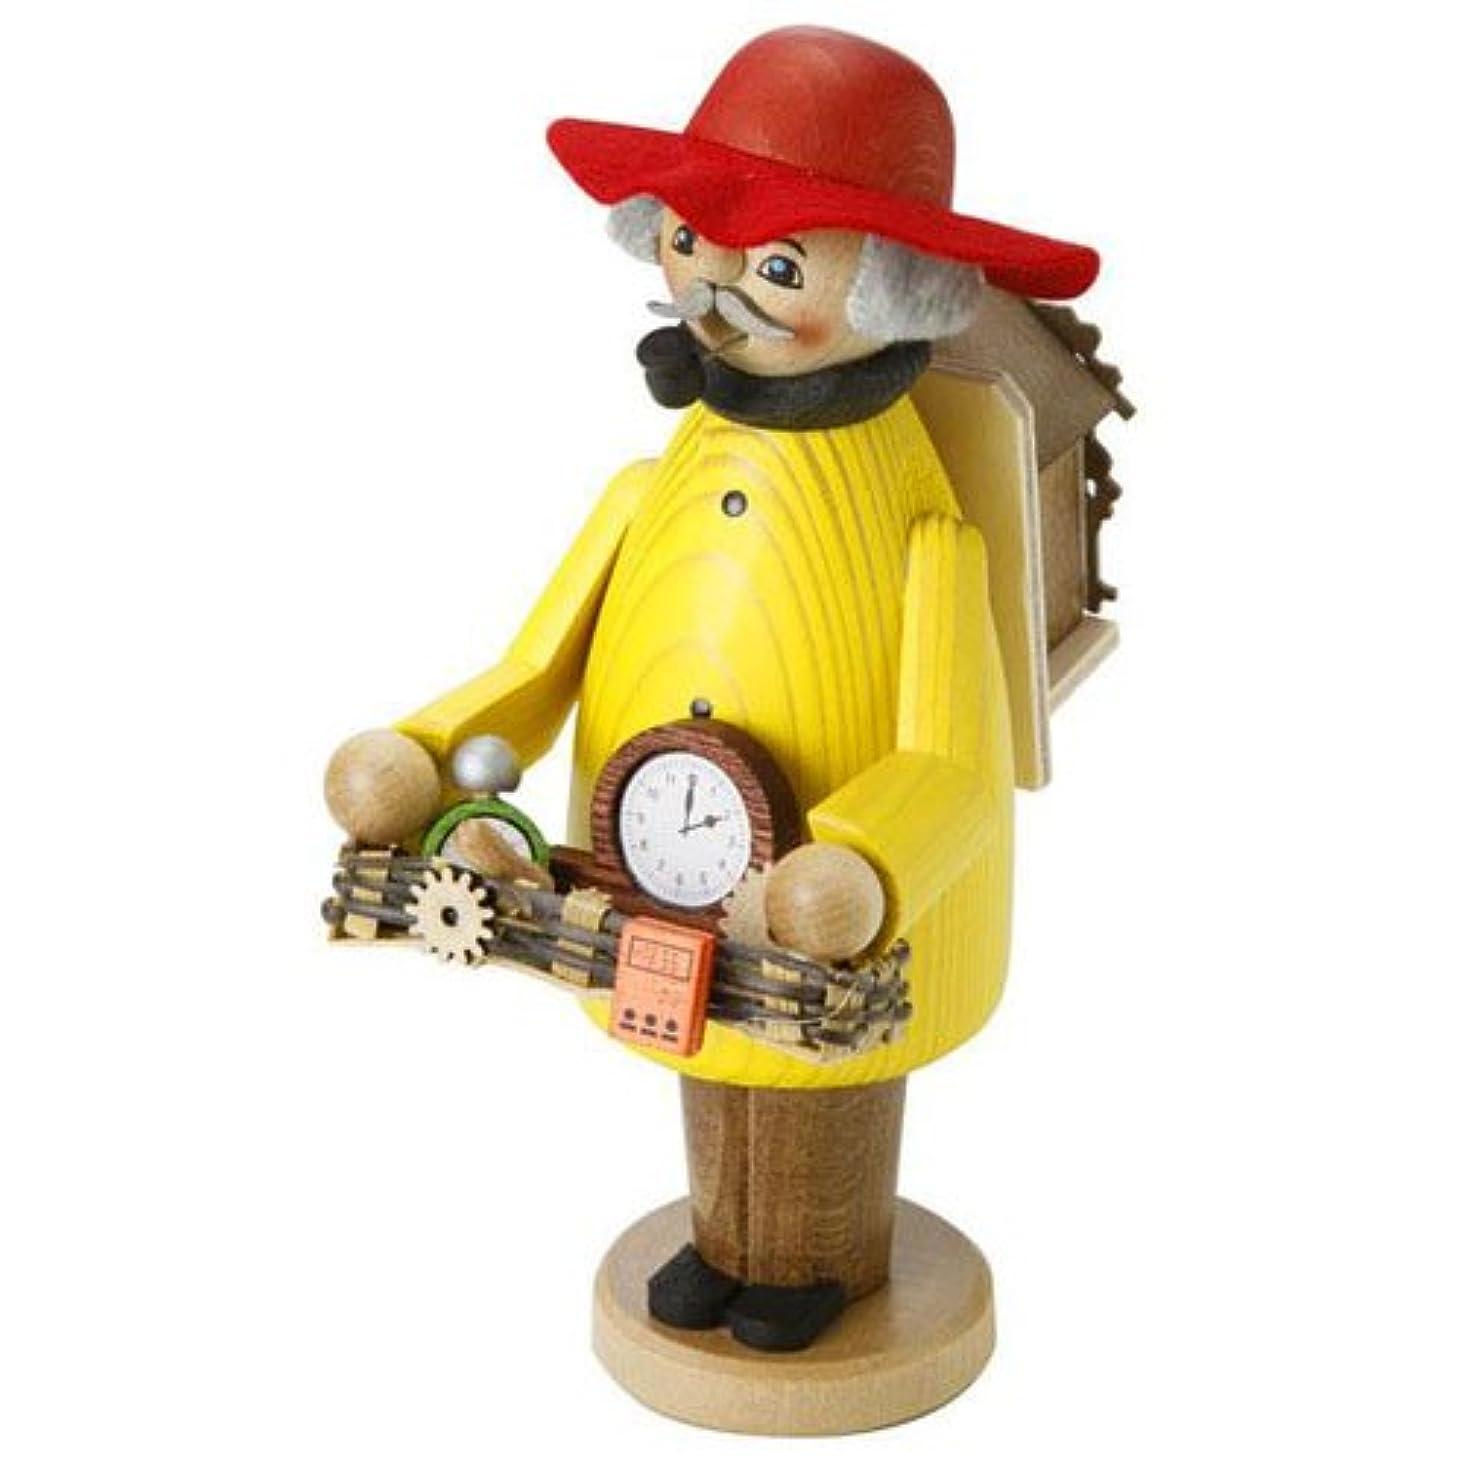 取り組む詳細にメディックkuhnert ミニパイプ人形香炉 時計売り